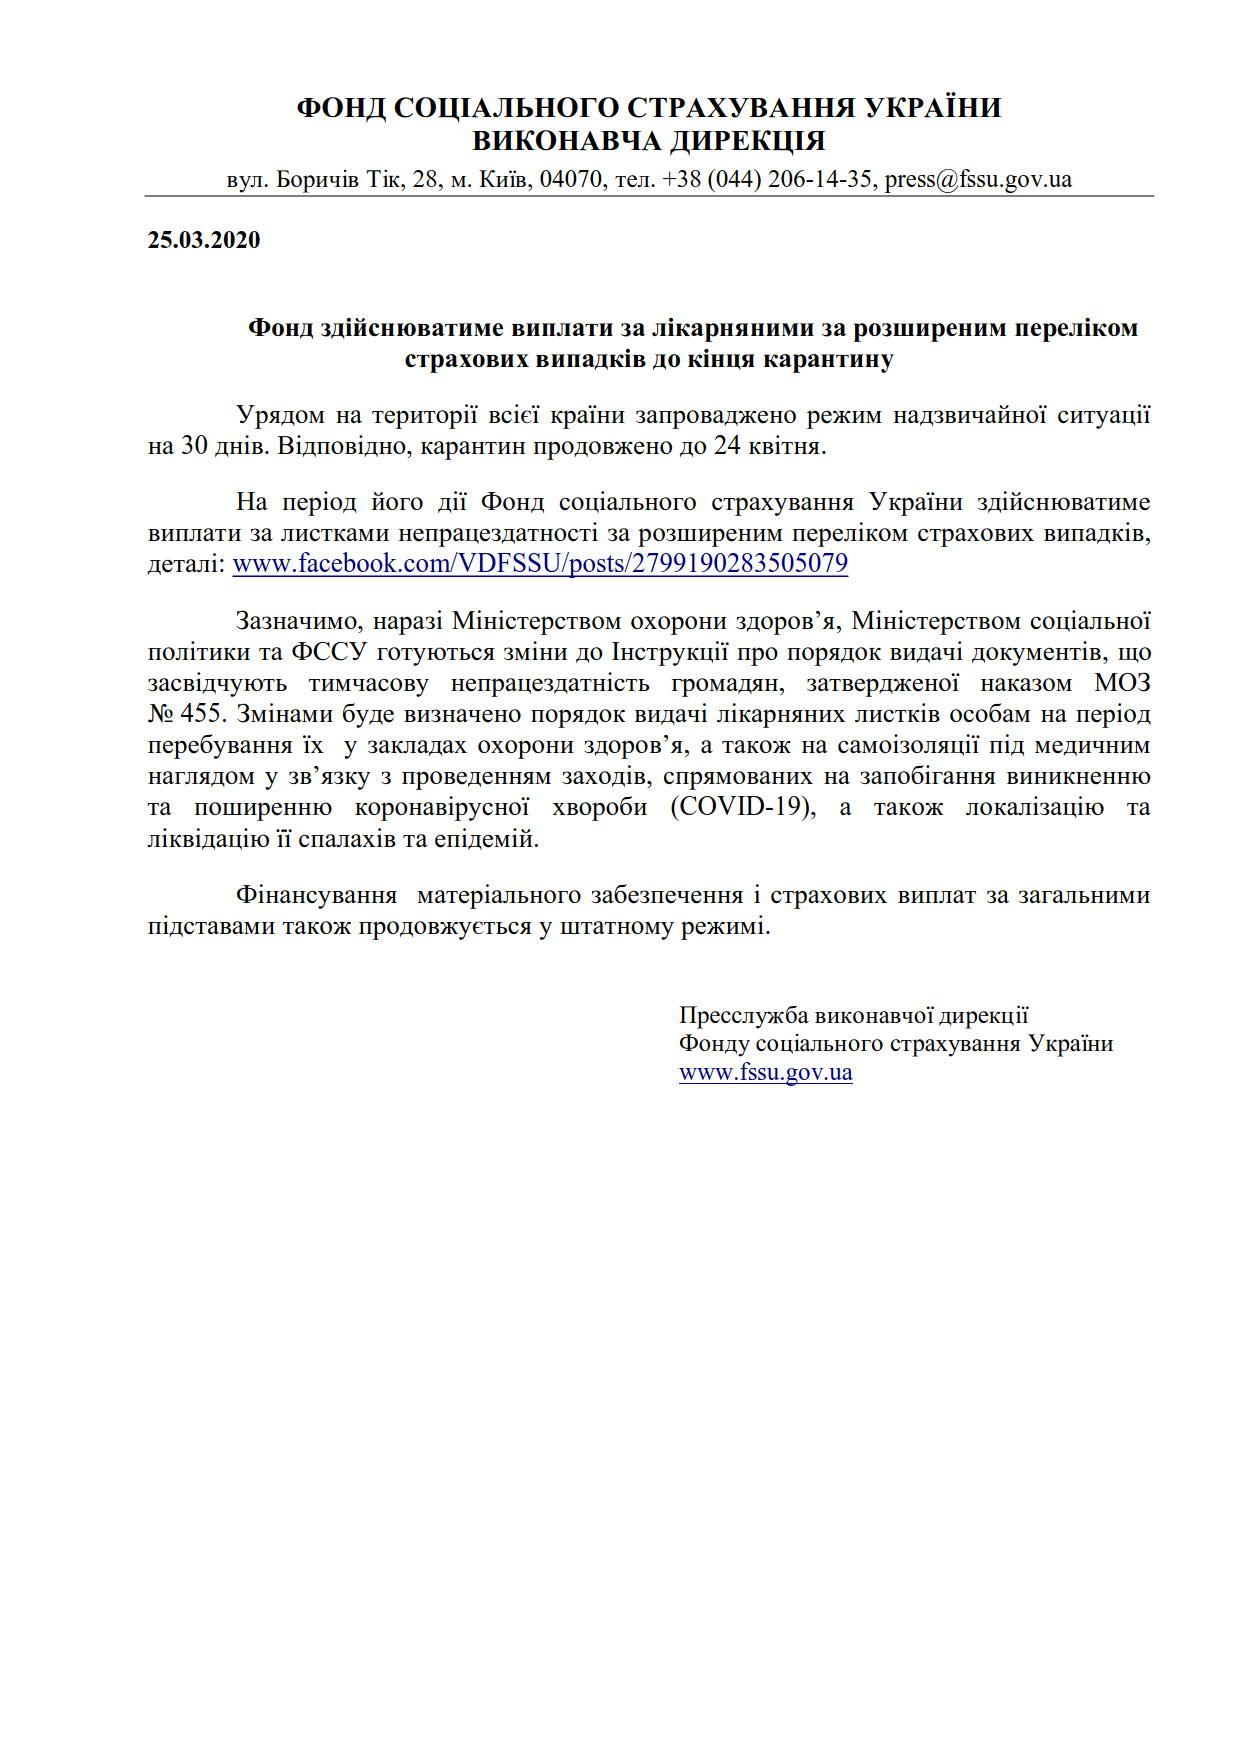 ФССУ_Подовжено карантин_1